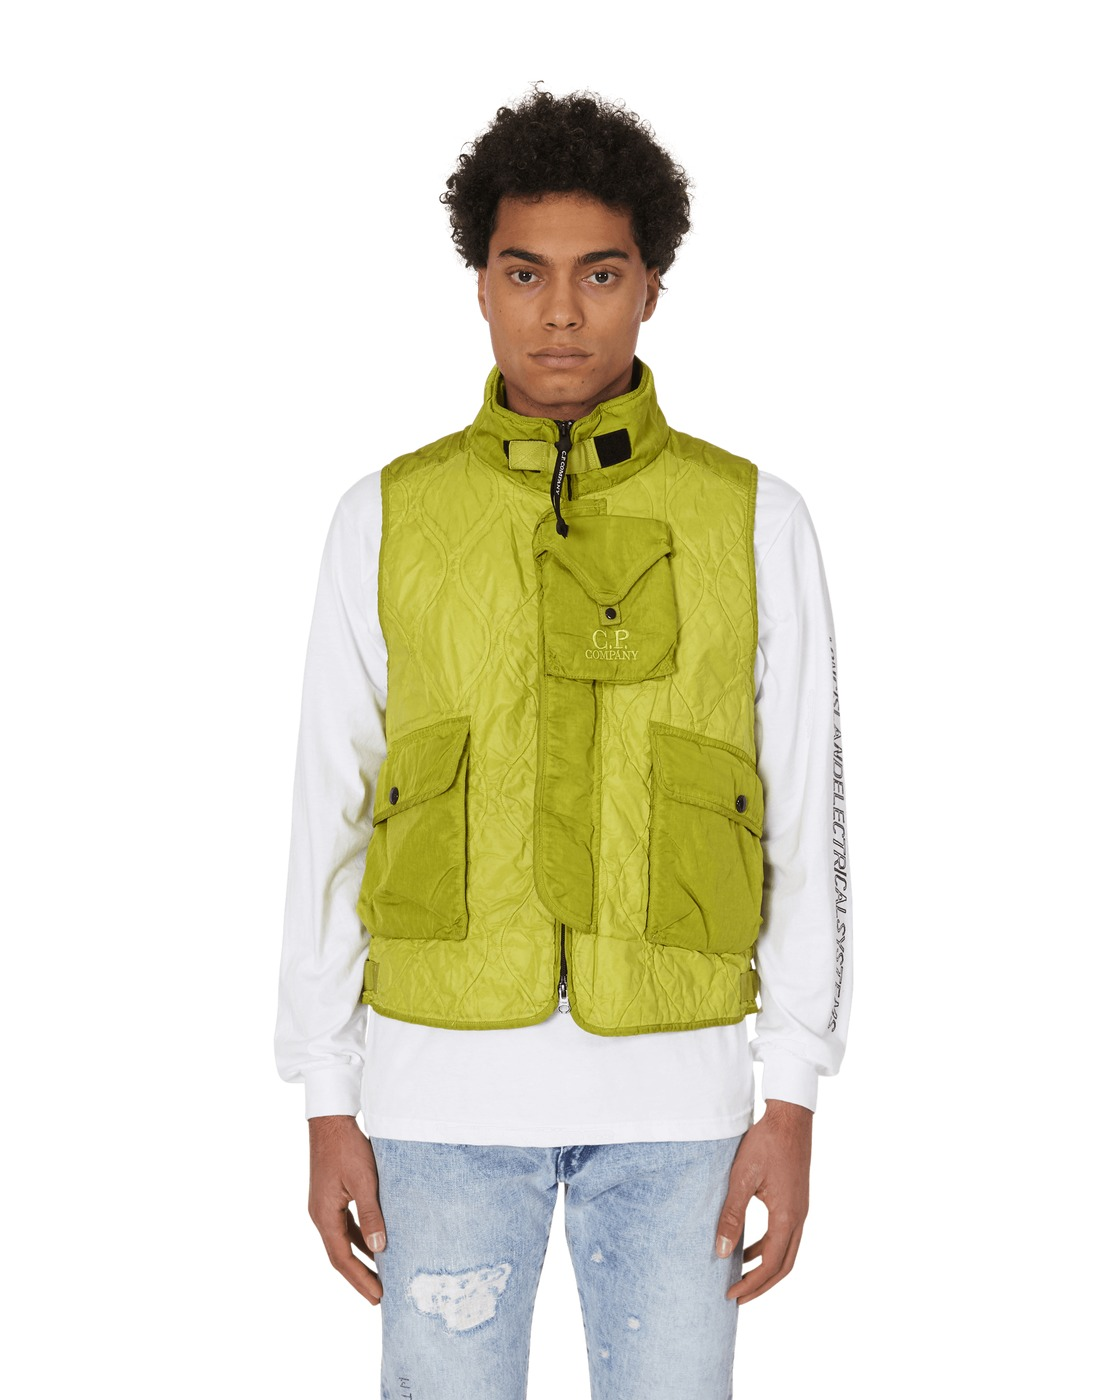 C.P. Company Multi Pocket Vest Sulphur Spring